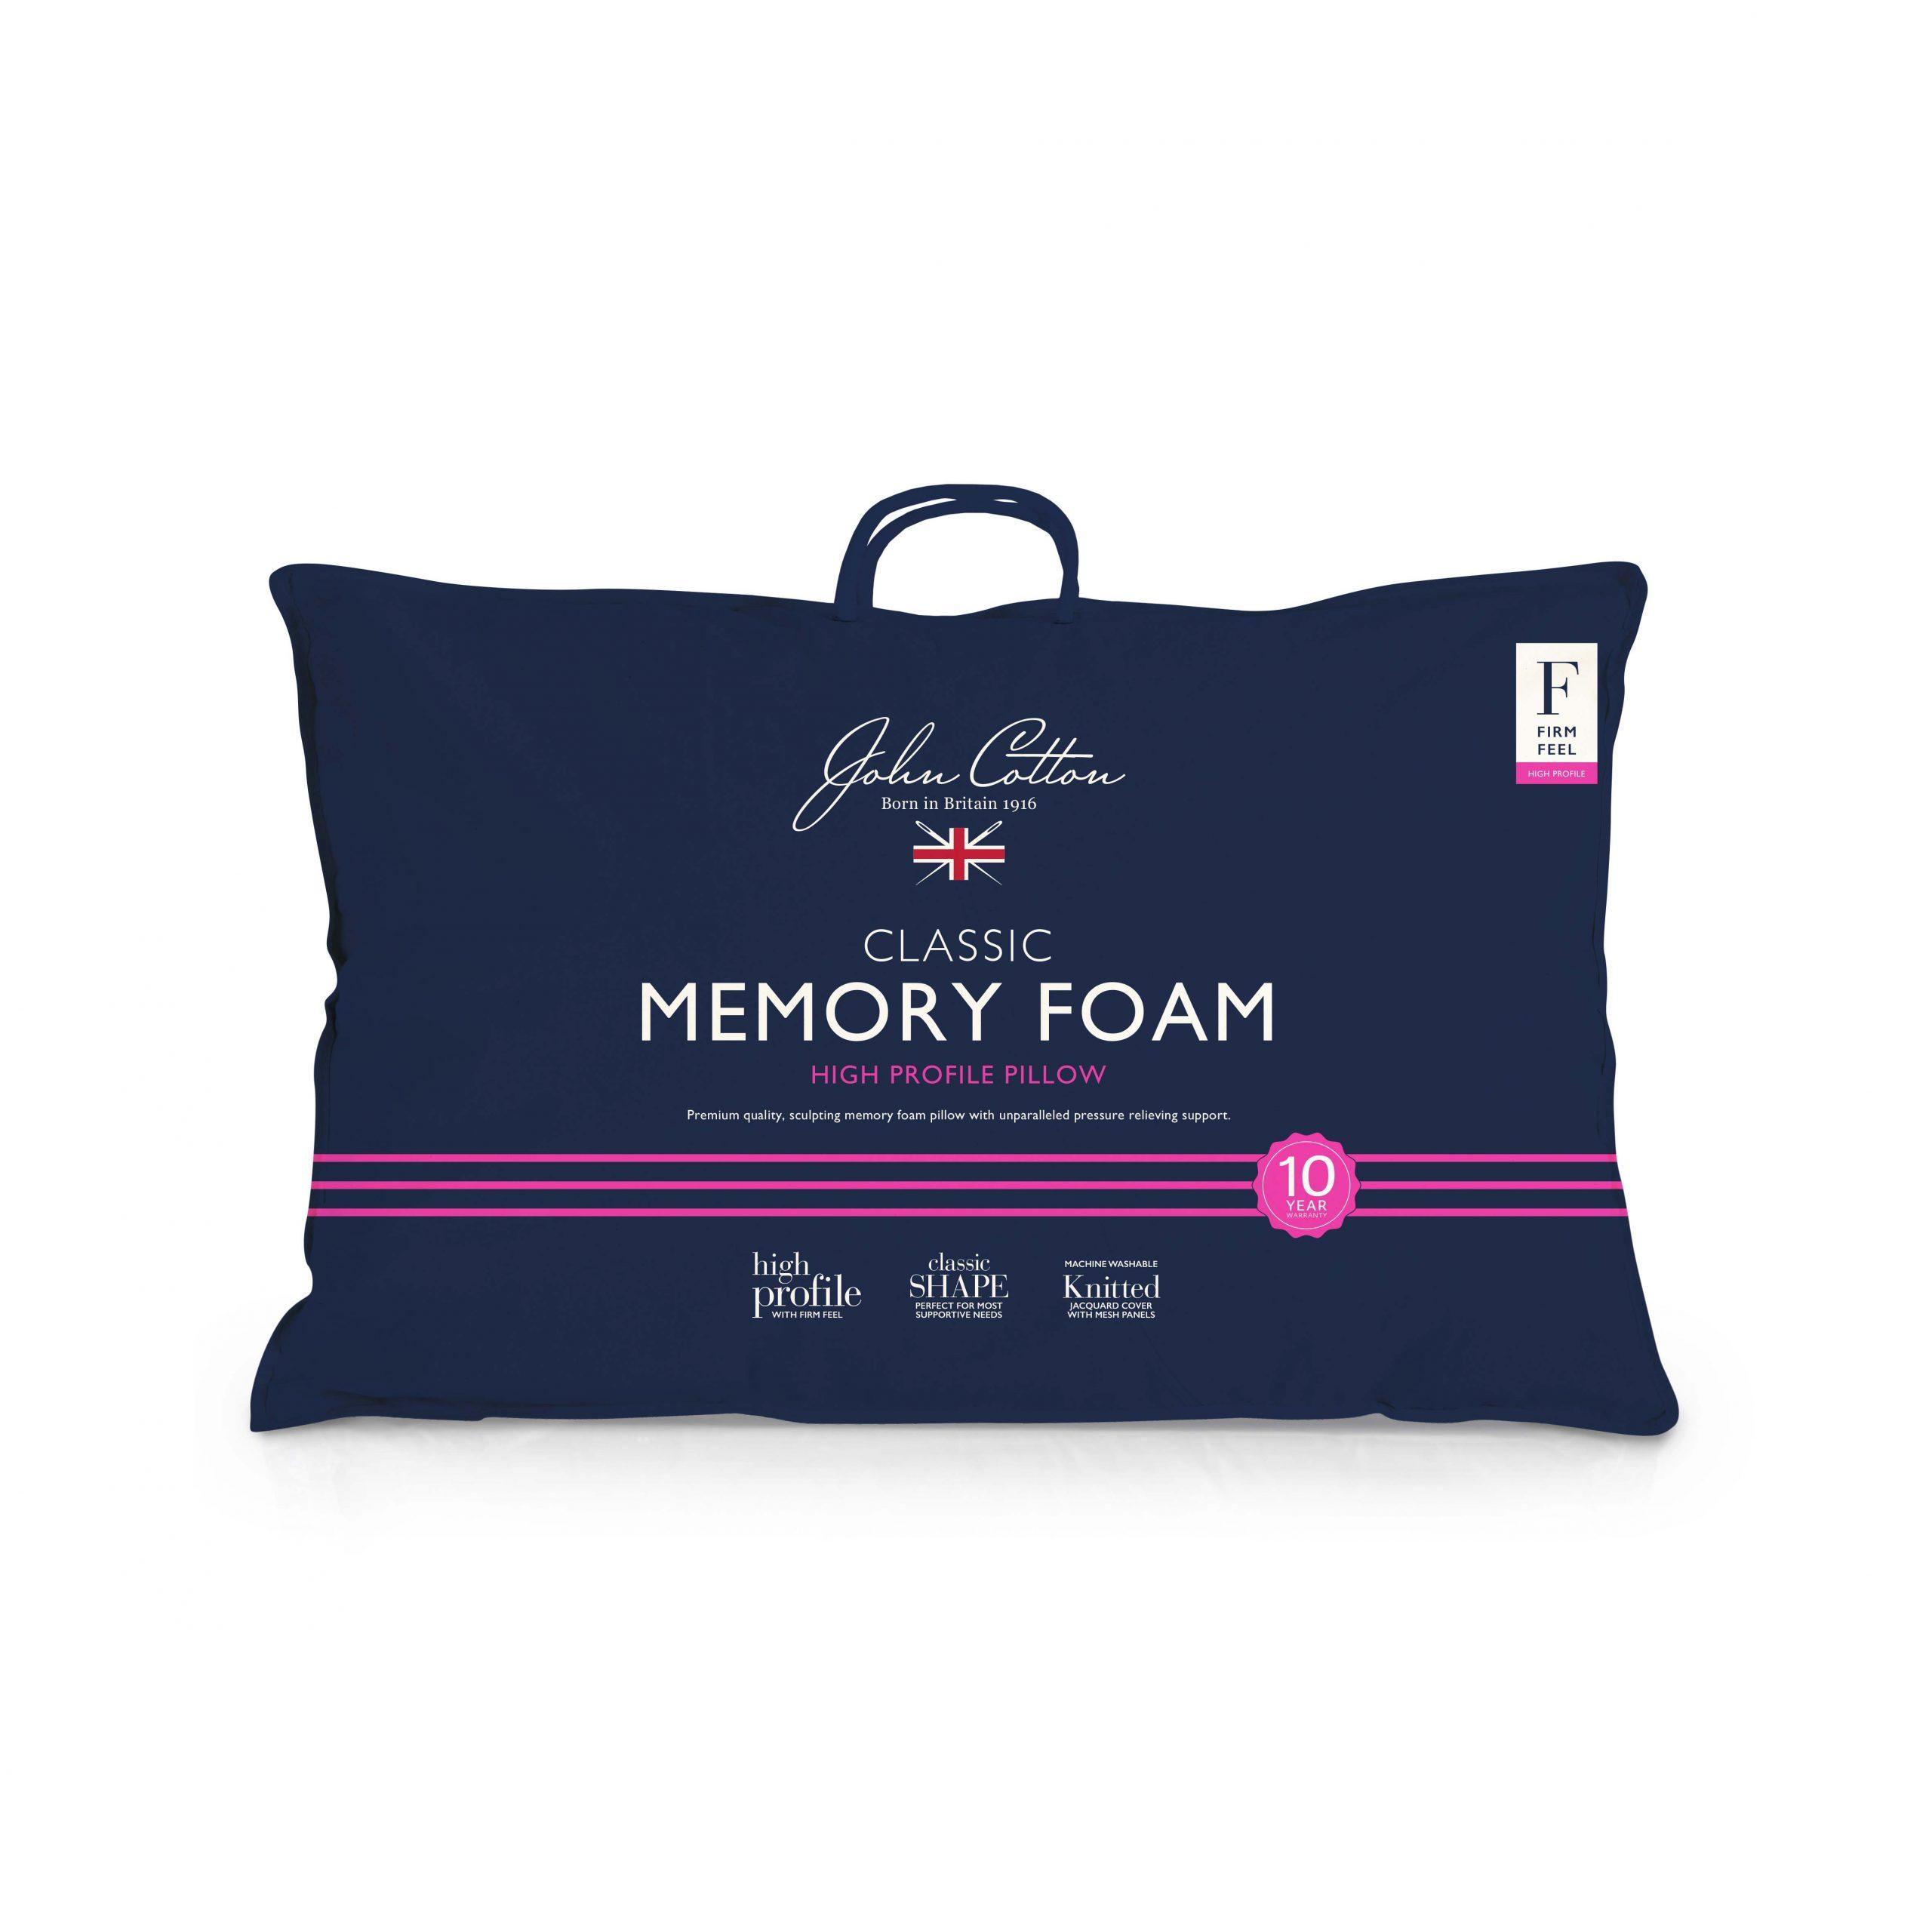 John Cotton High Profile Memory Foam Pillow